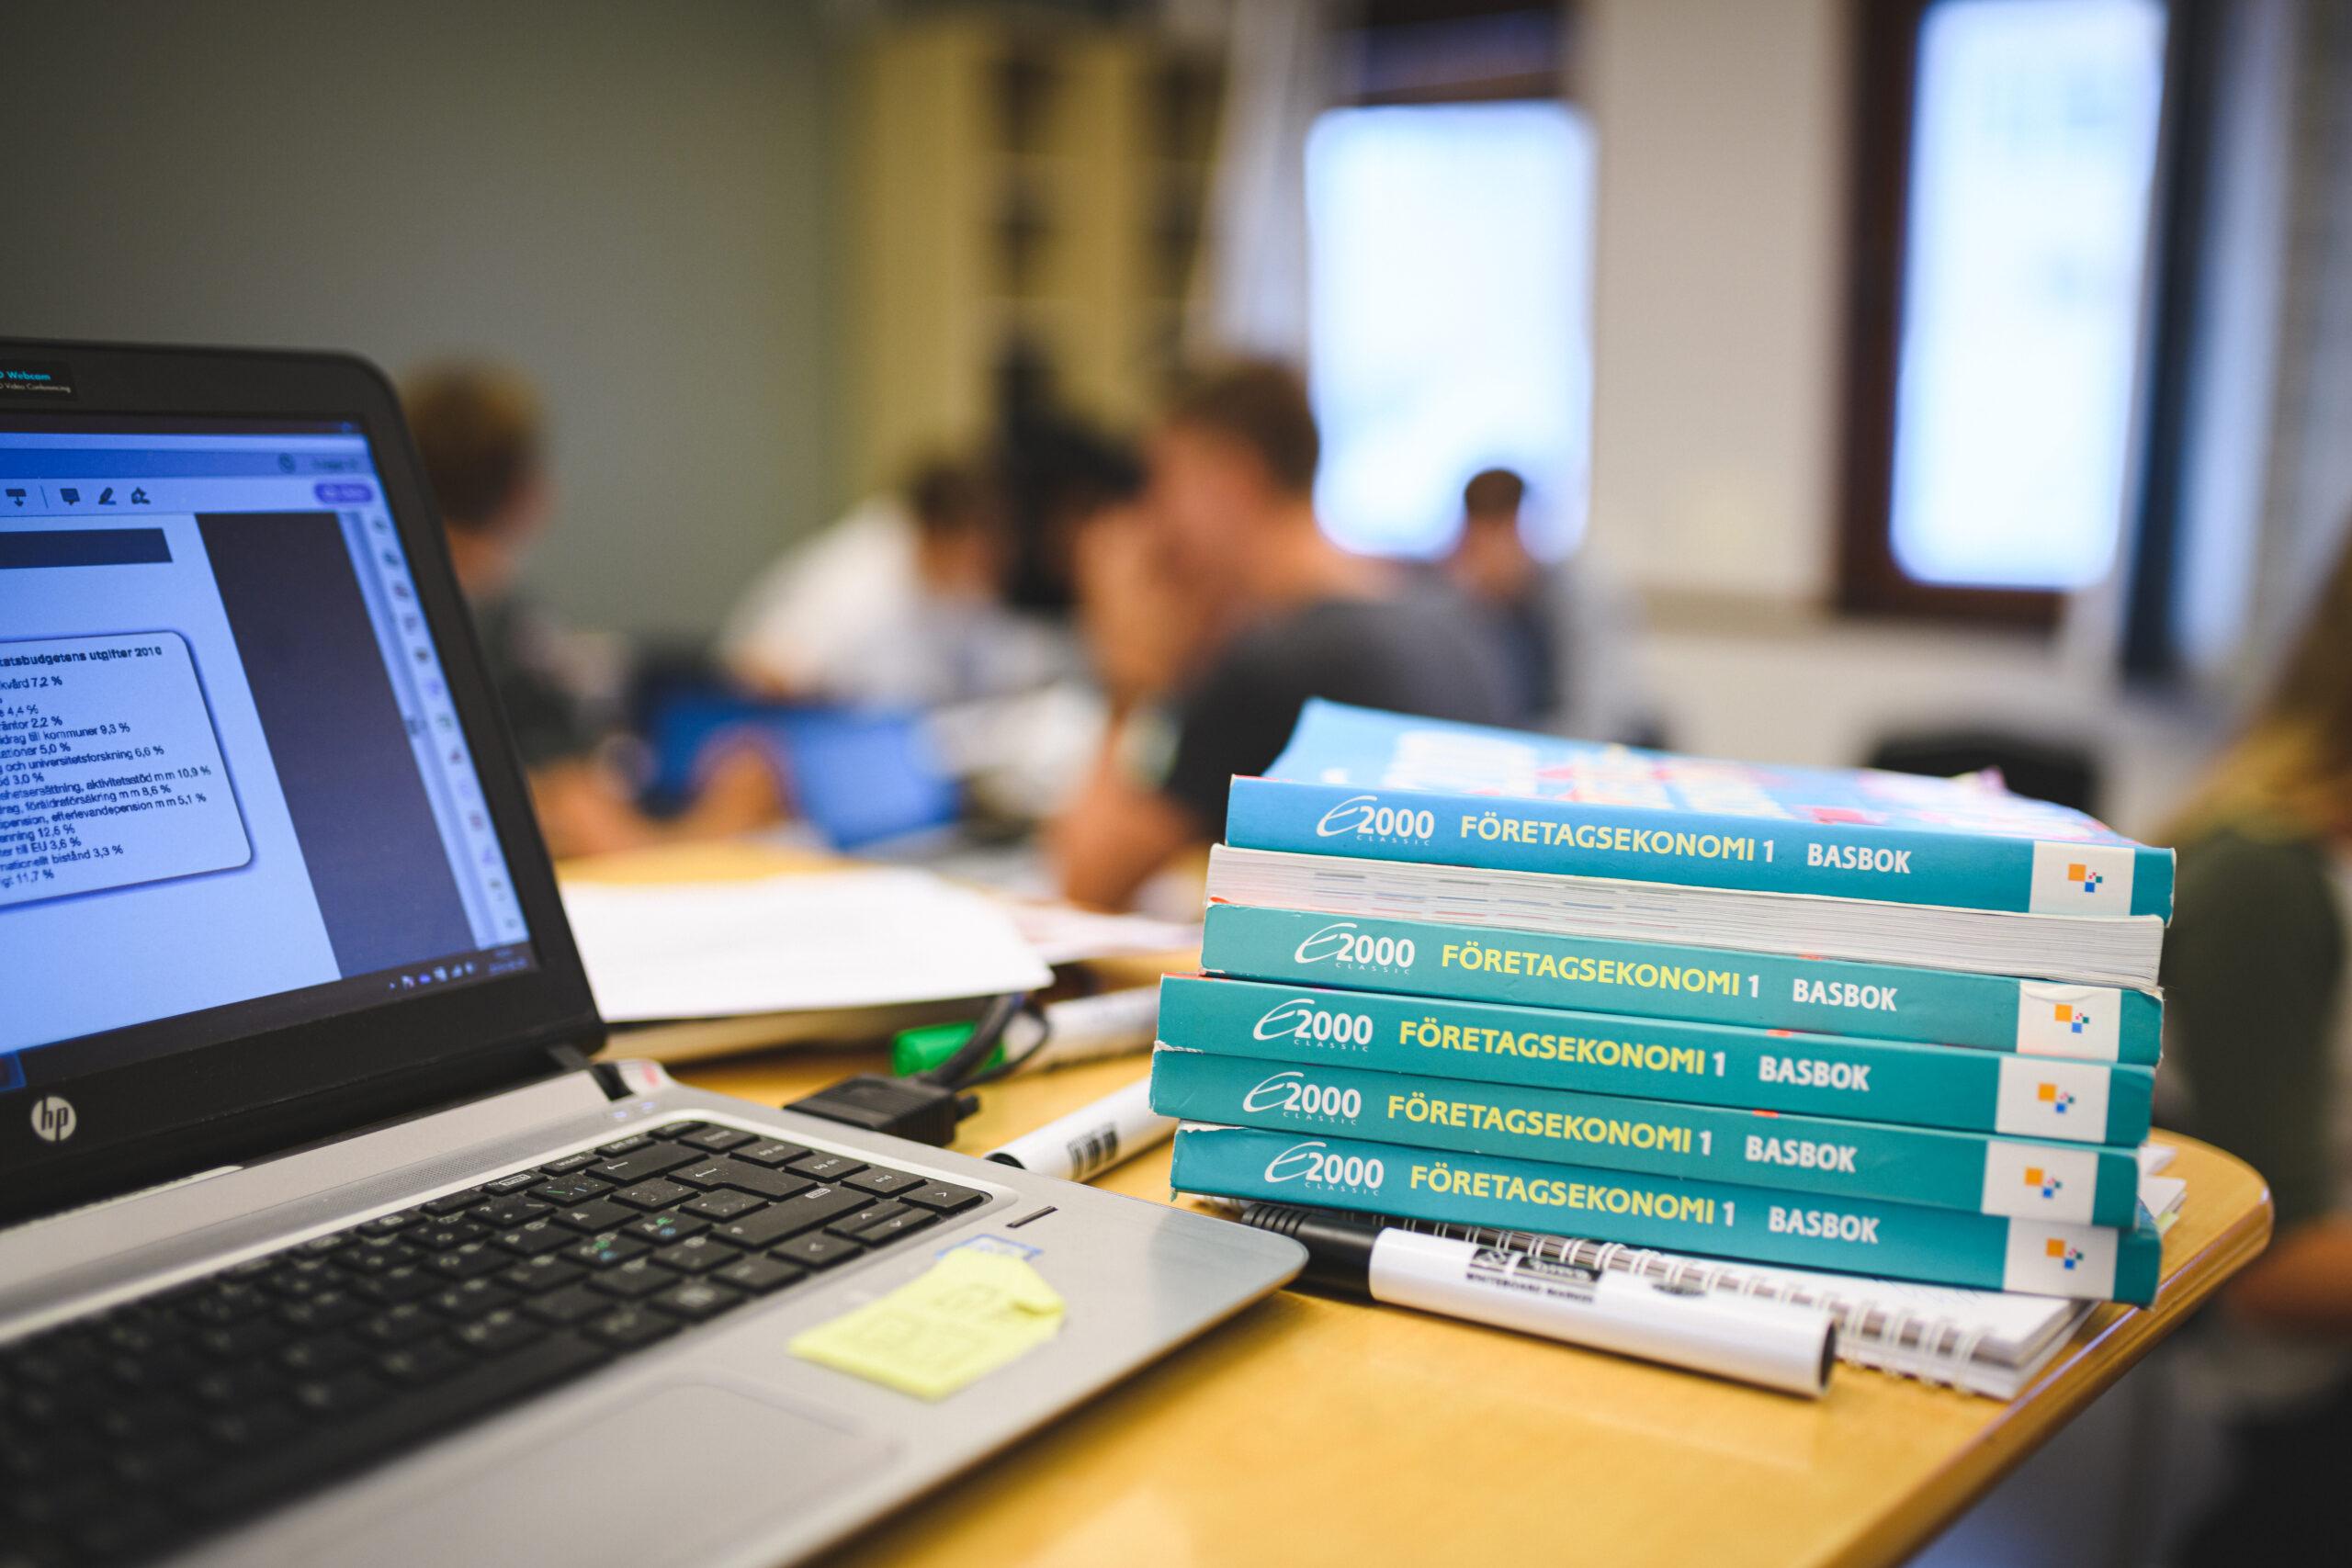 En laptop och böcker inom Företagsekonomi 1 ligger på ett ståbord.